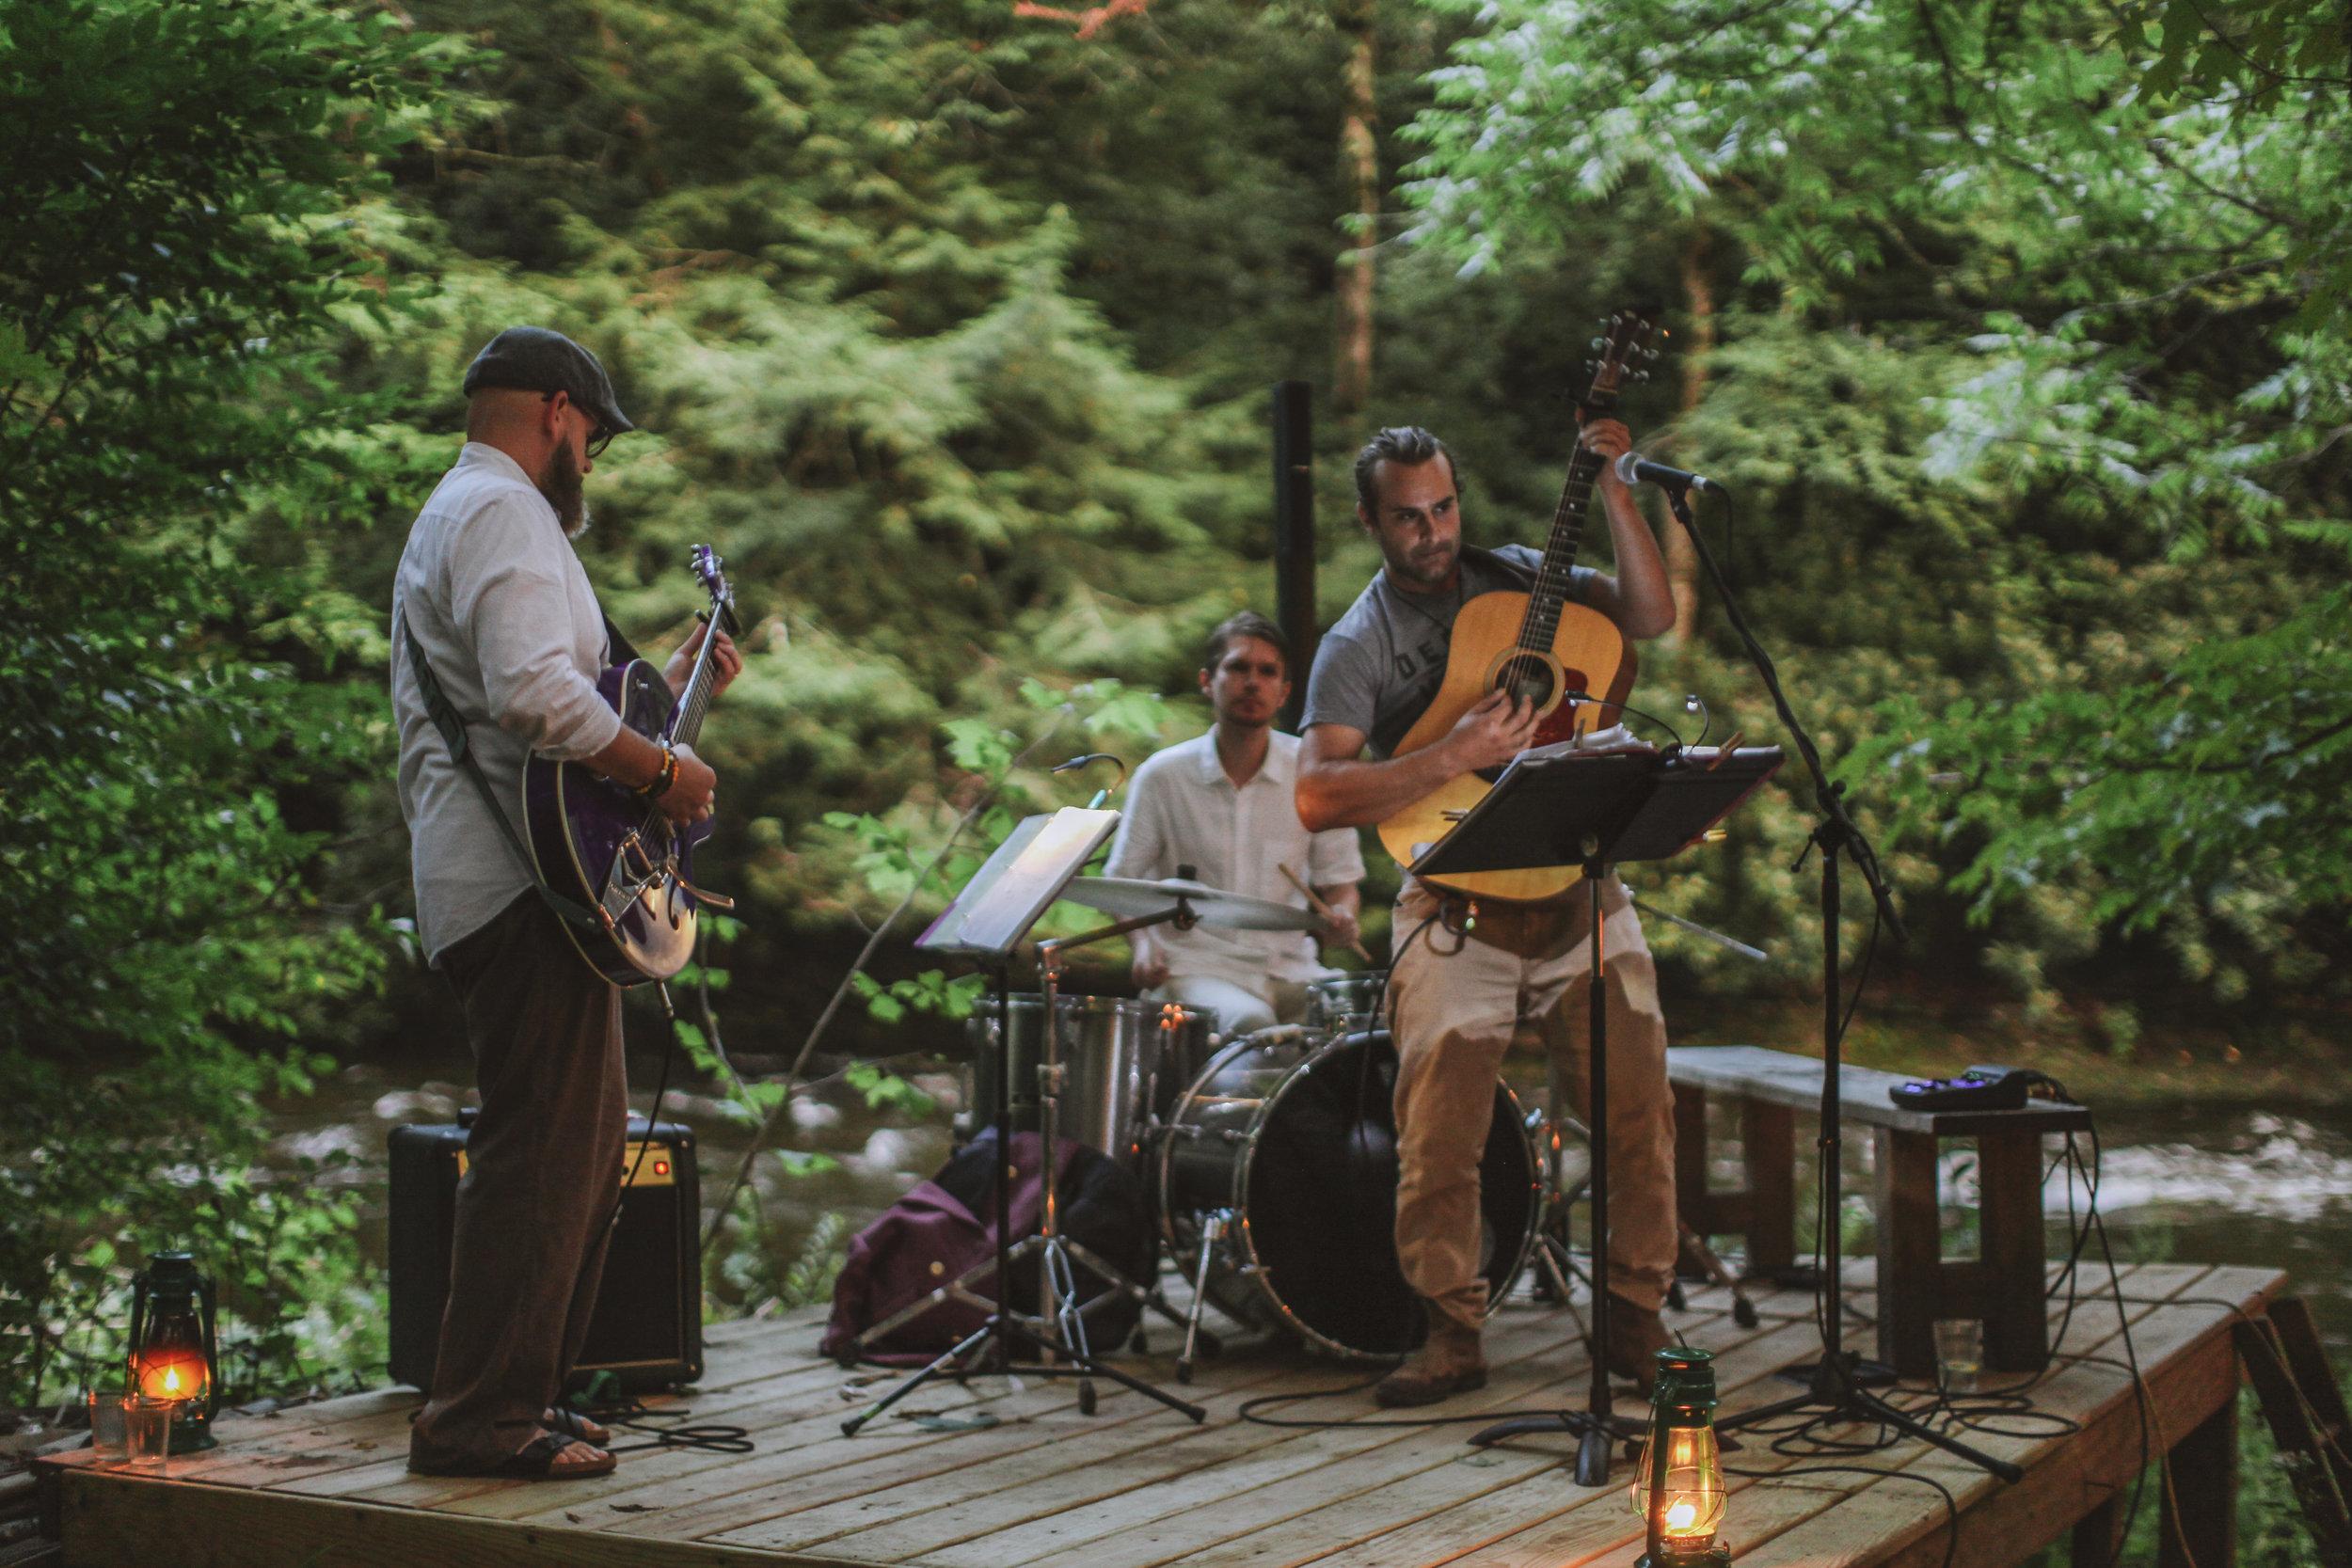 wedding_in_the_wild_reception-56.jpg